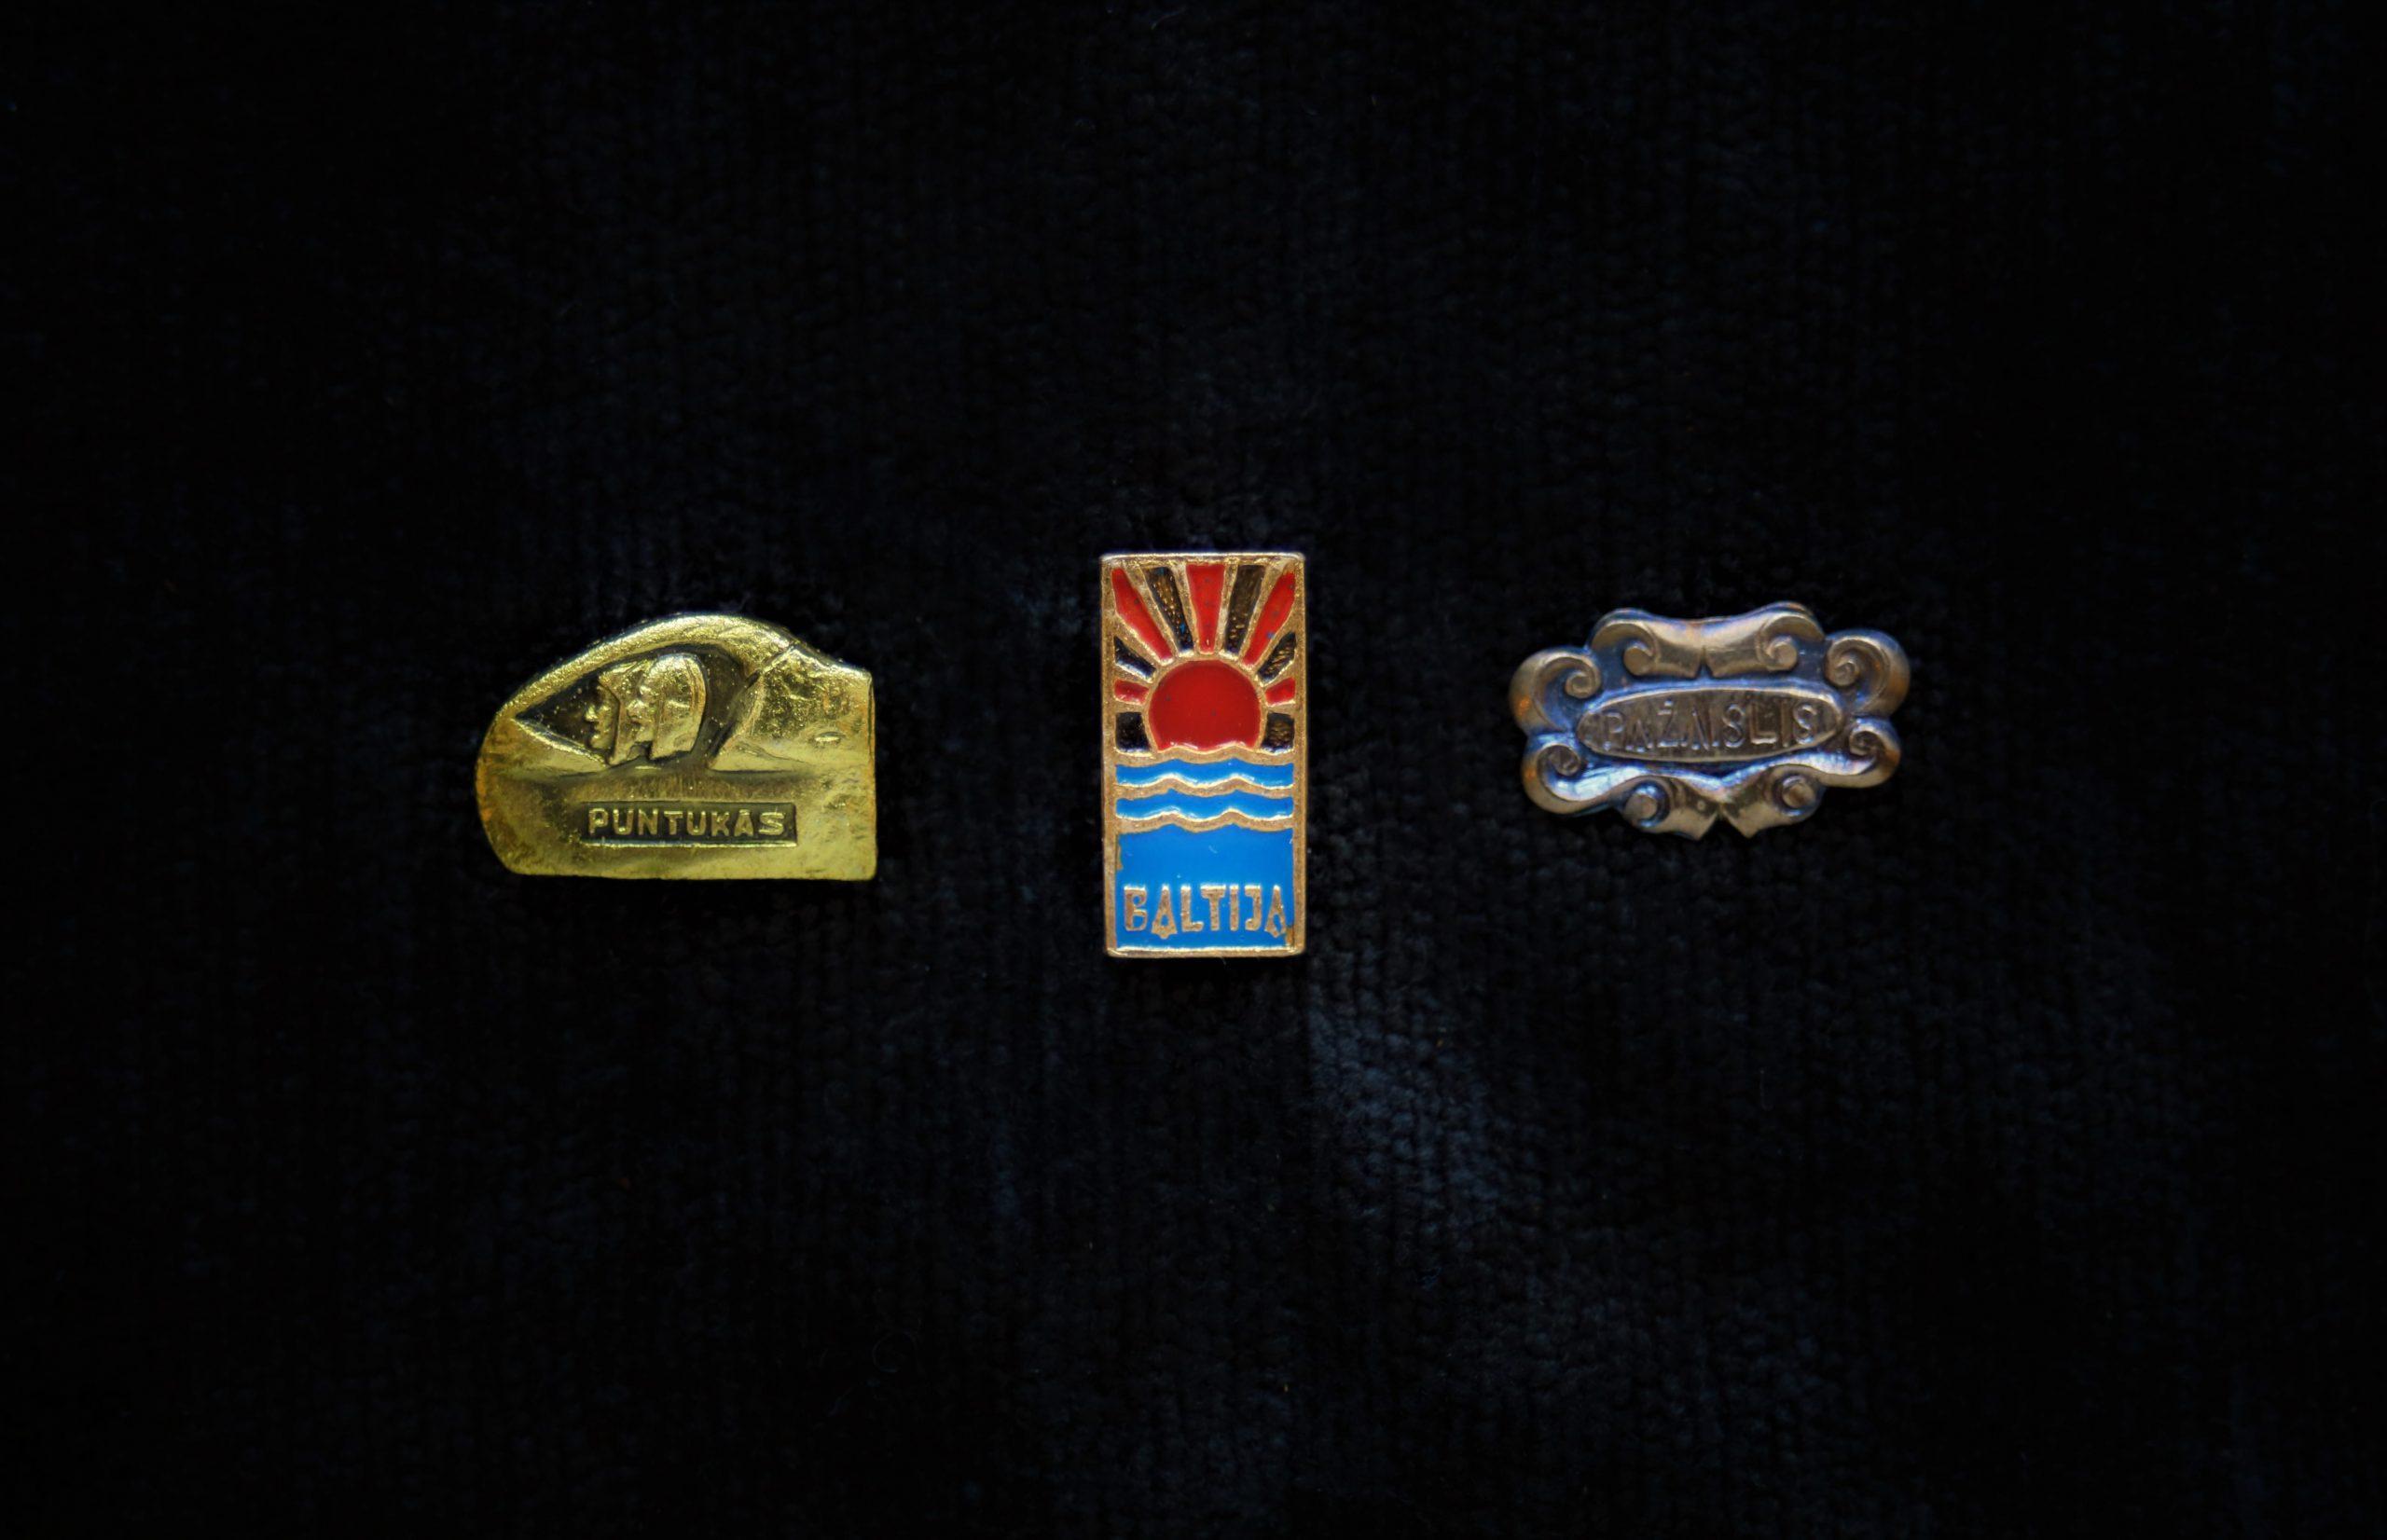 Puntukui, Baltijos jūrai ir Pažaislio vienuolynui skirti ženkleliai